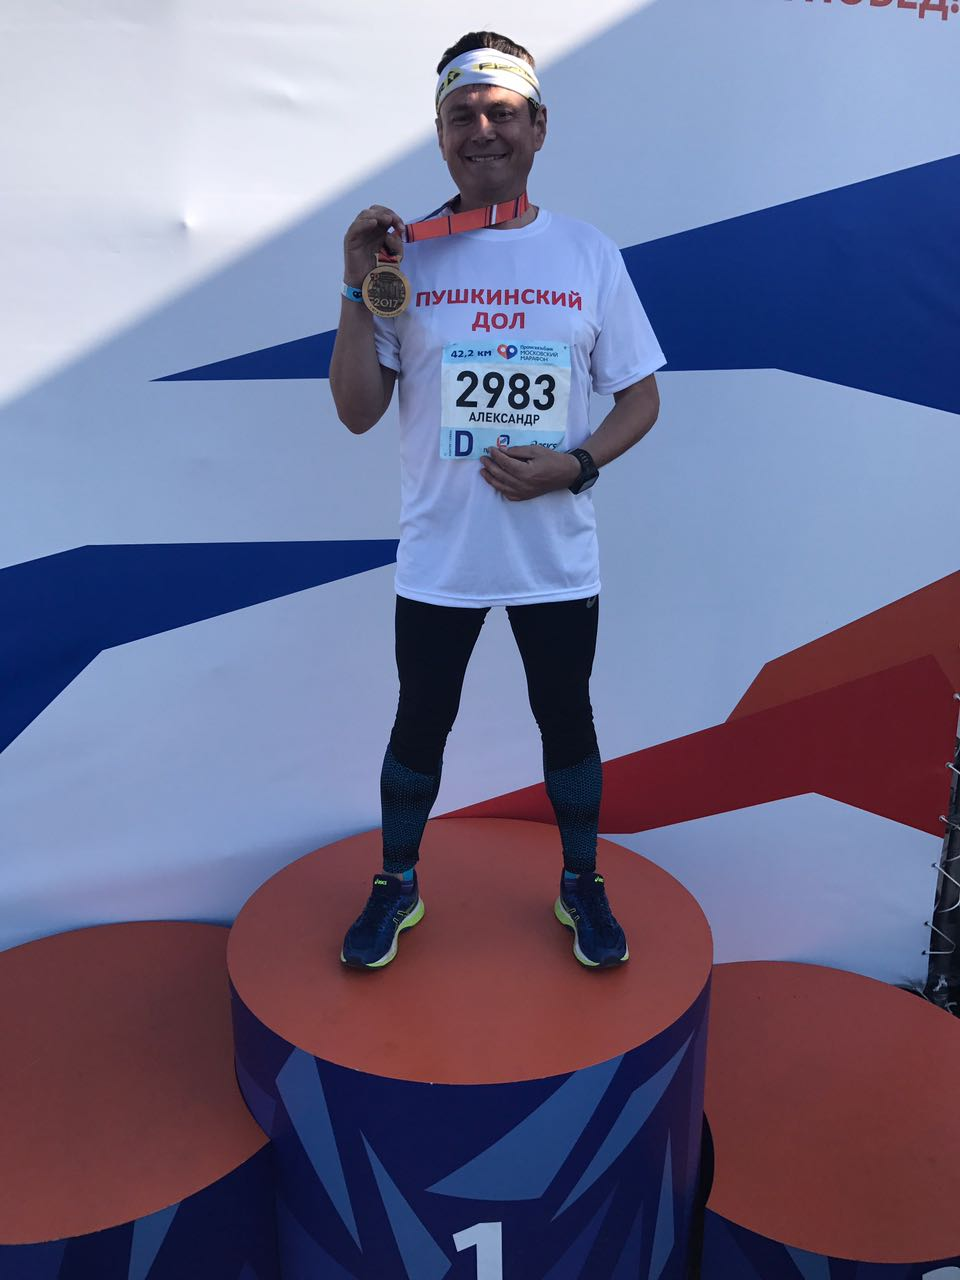 Пушкинский дол на марафоне